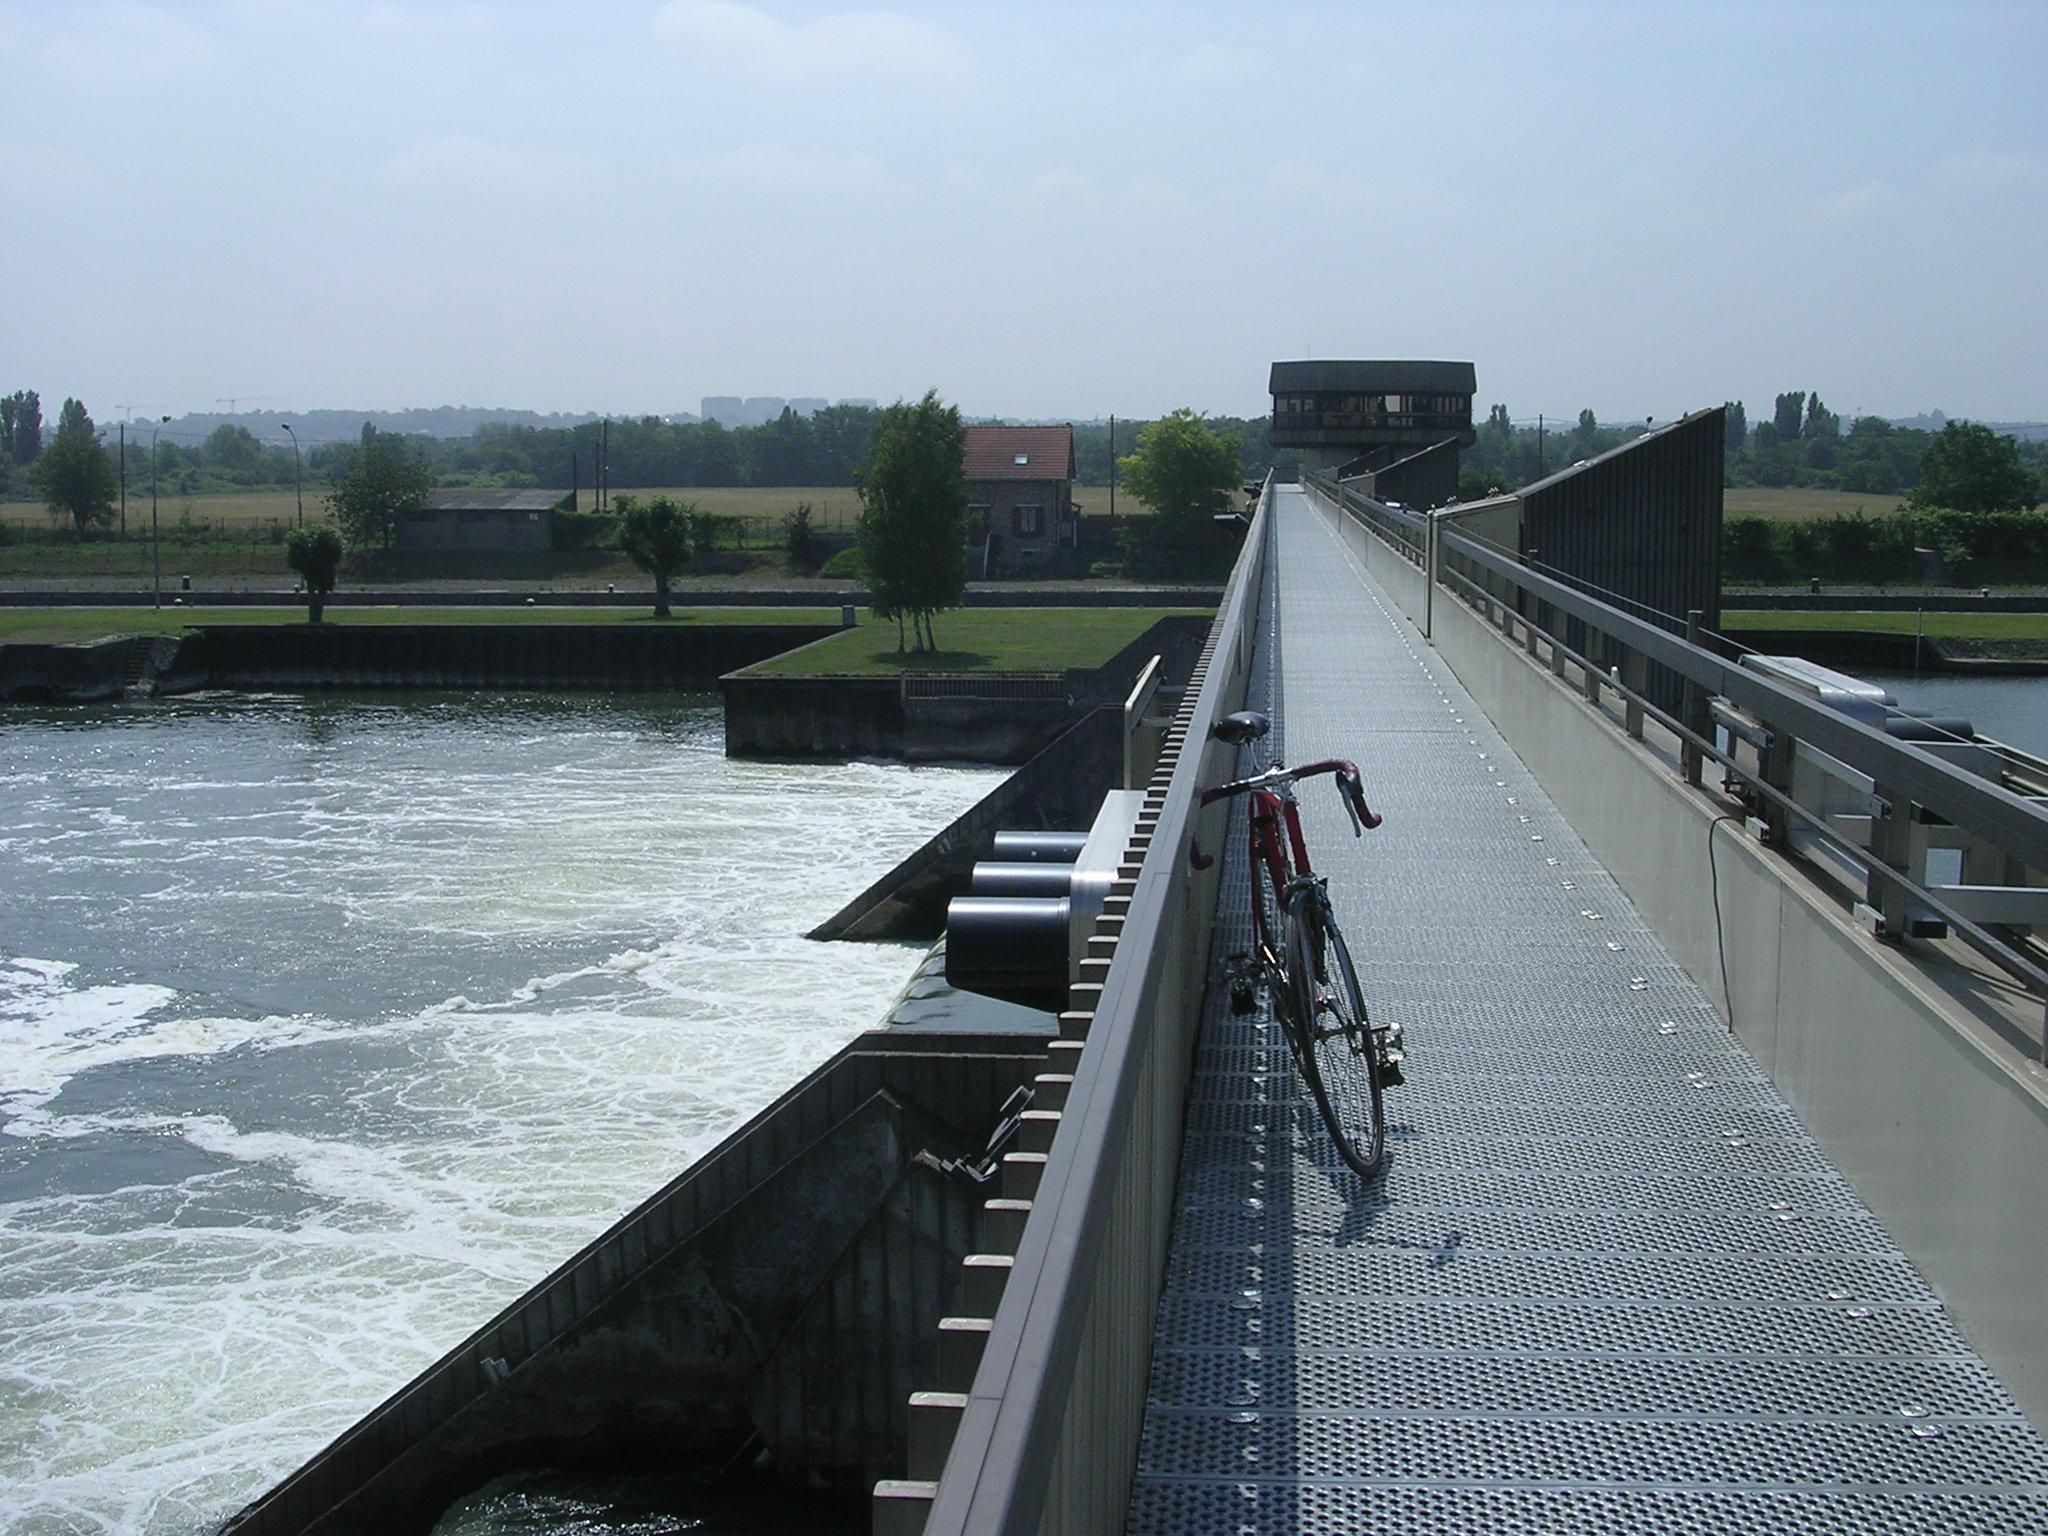 Passerelle de l'écluse d'Ablon, pour rejoindre la rive droite à Vigneux.